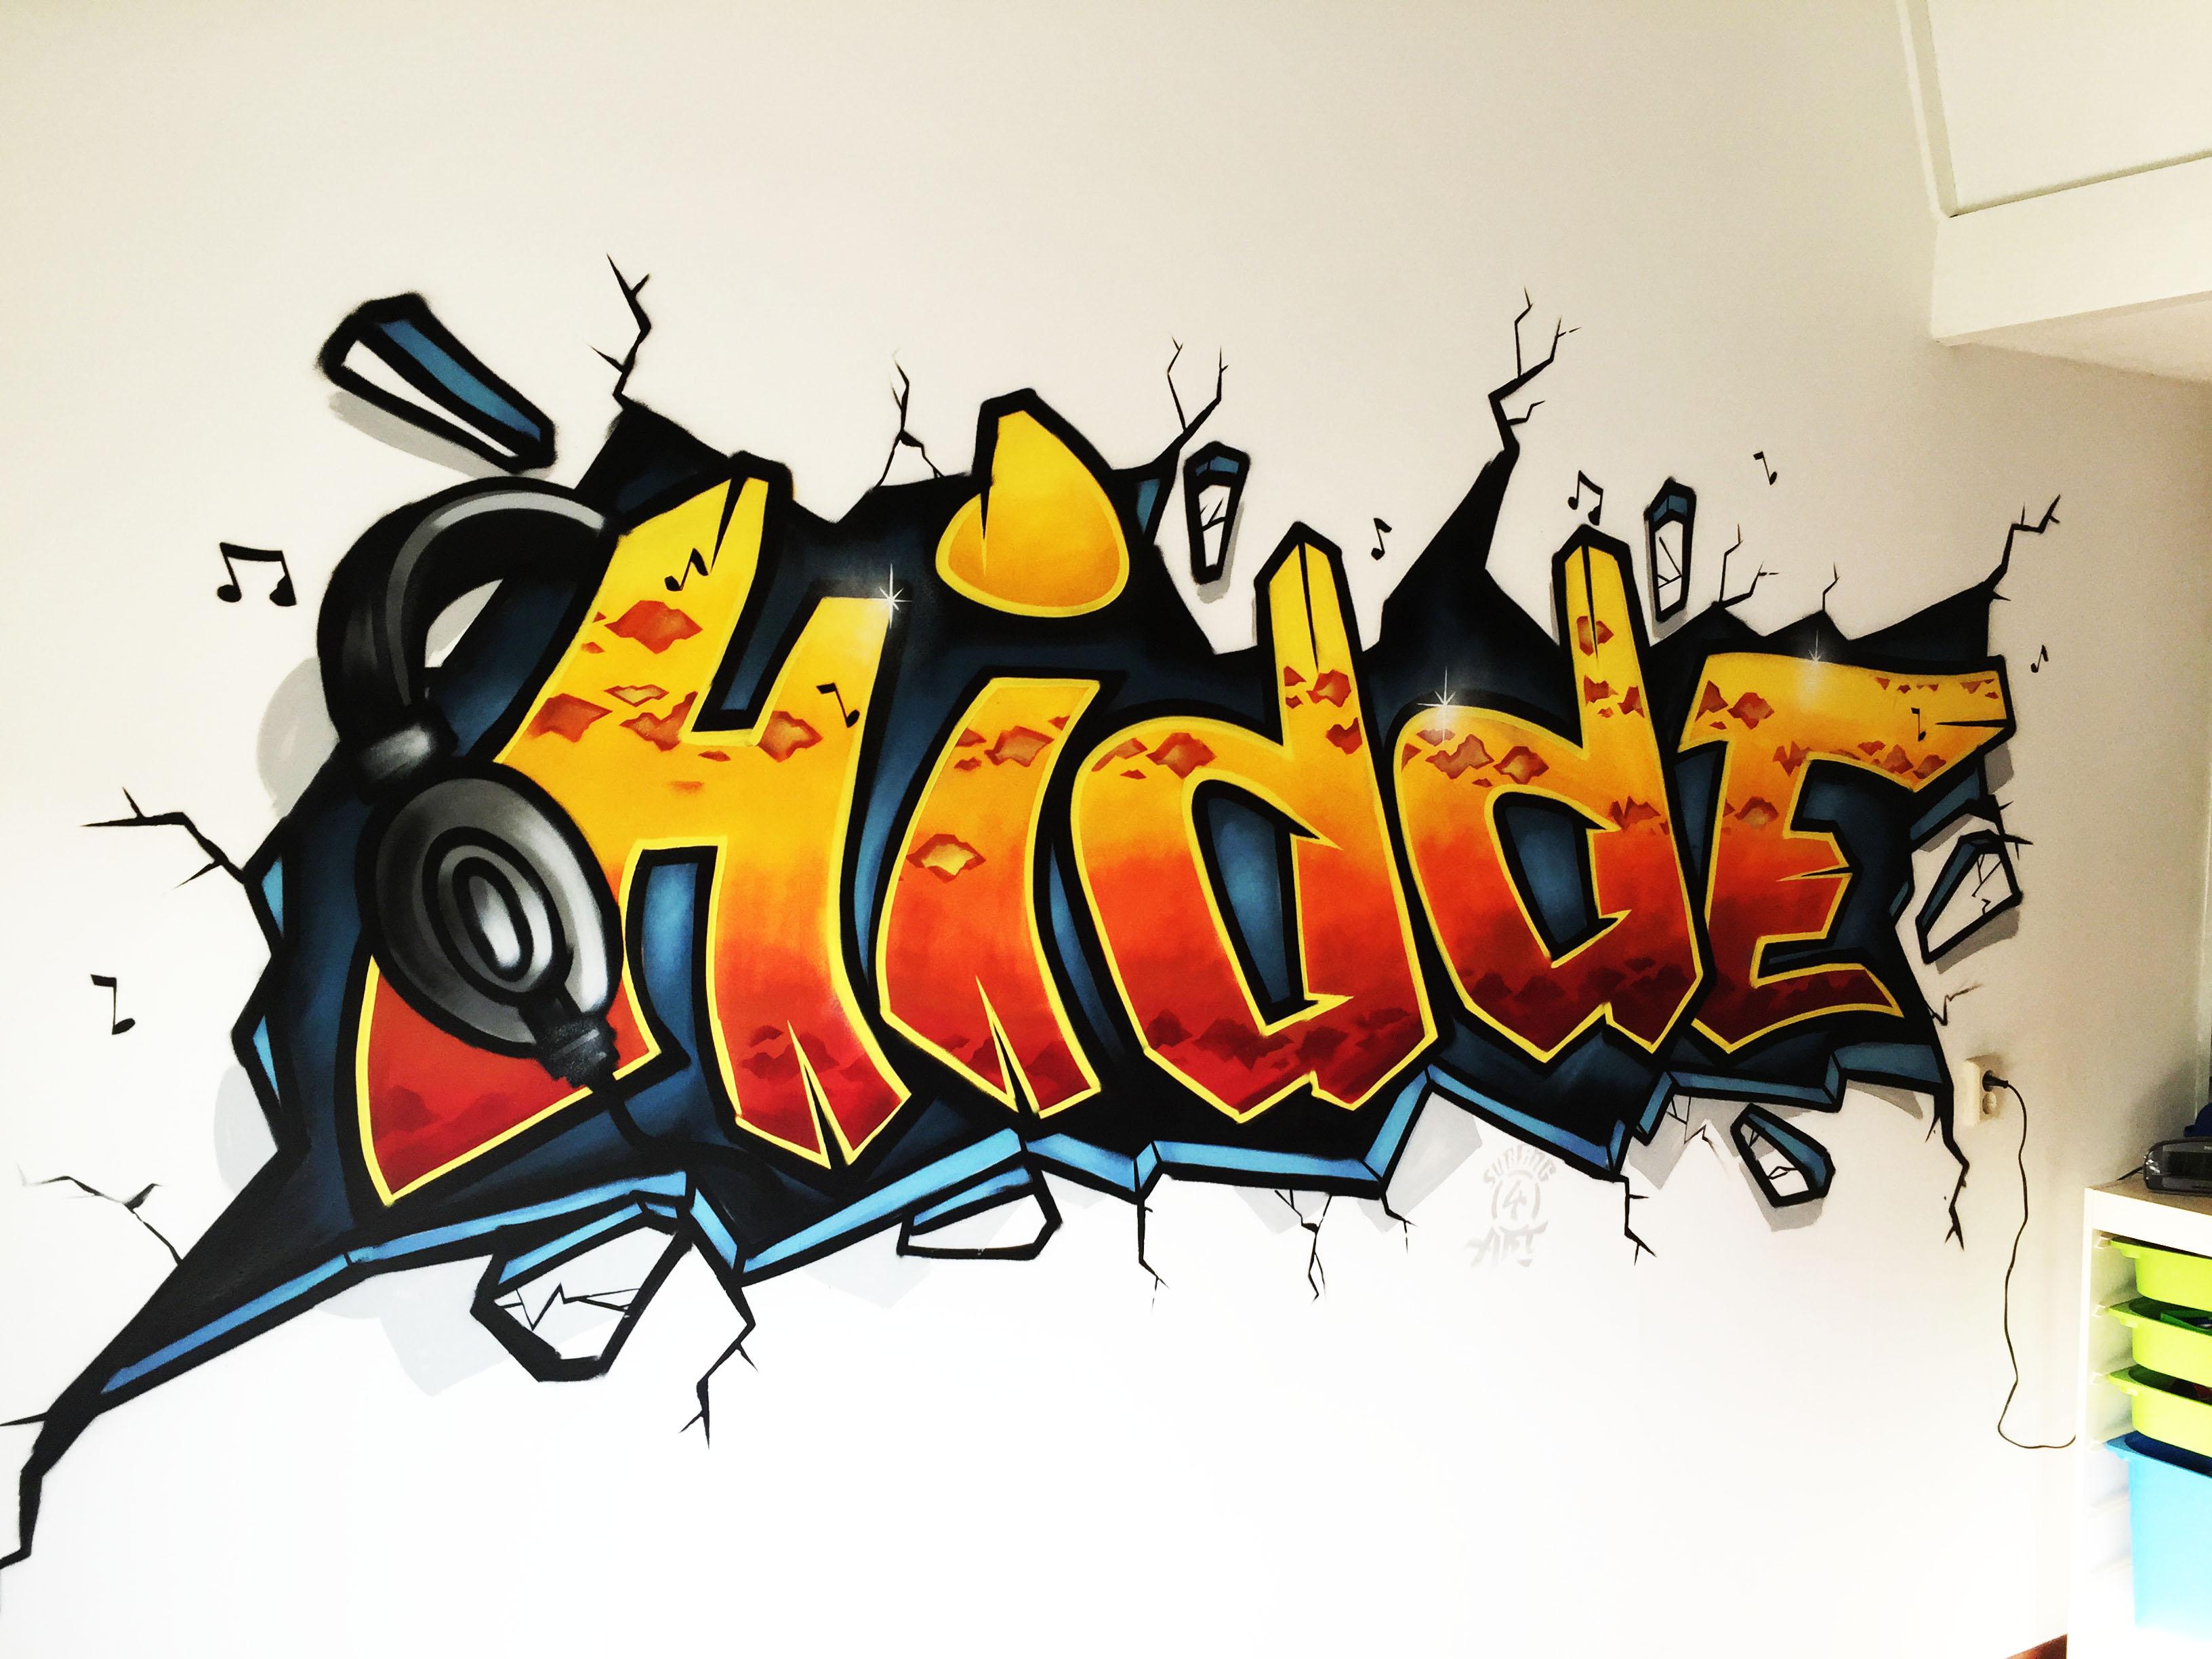 Behang Kinderkamer Regenboog : Graffiti behang of een echte graffiti op jouw muur?kinderkamer graffiti